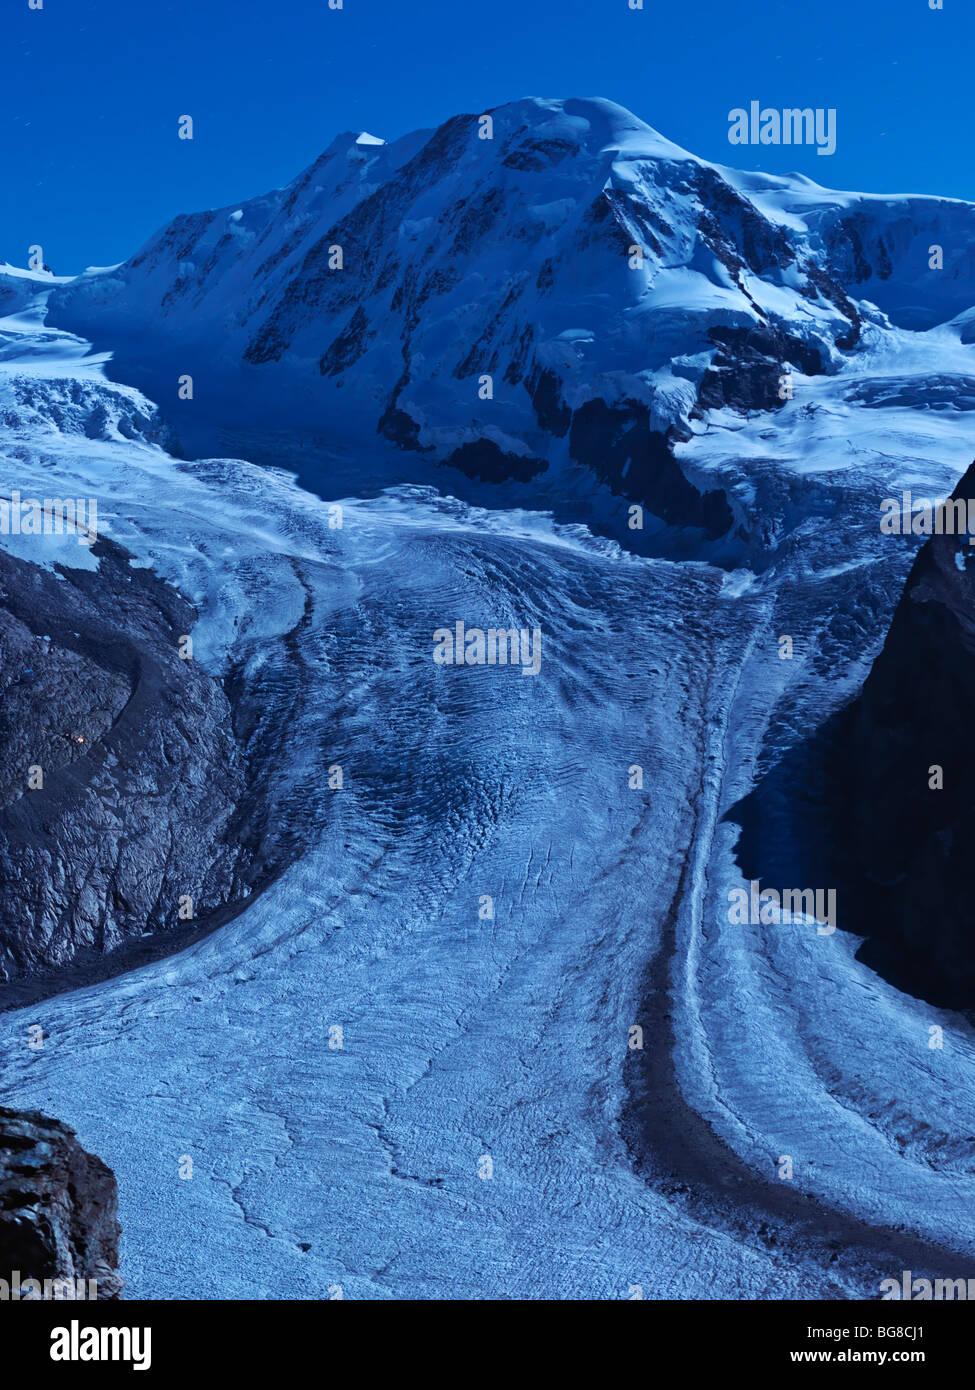 Suisse, Valais, Zermatt Gornergrat, le Breithorn et le Mont,glacier du Gorner éclairé par lumière Photo Stock